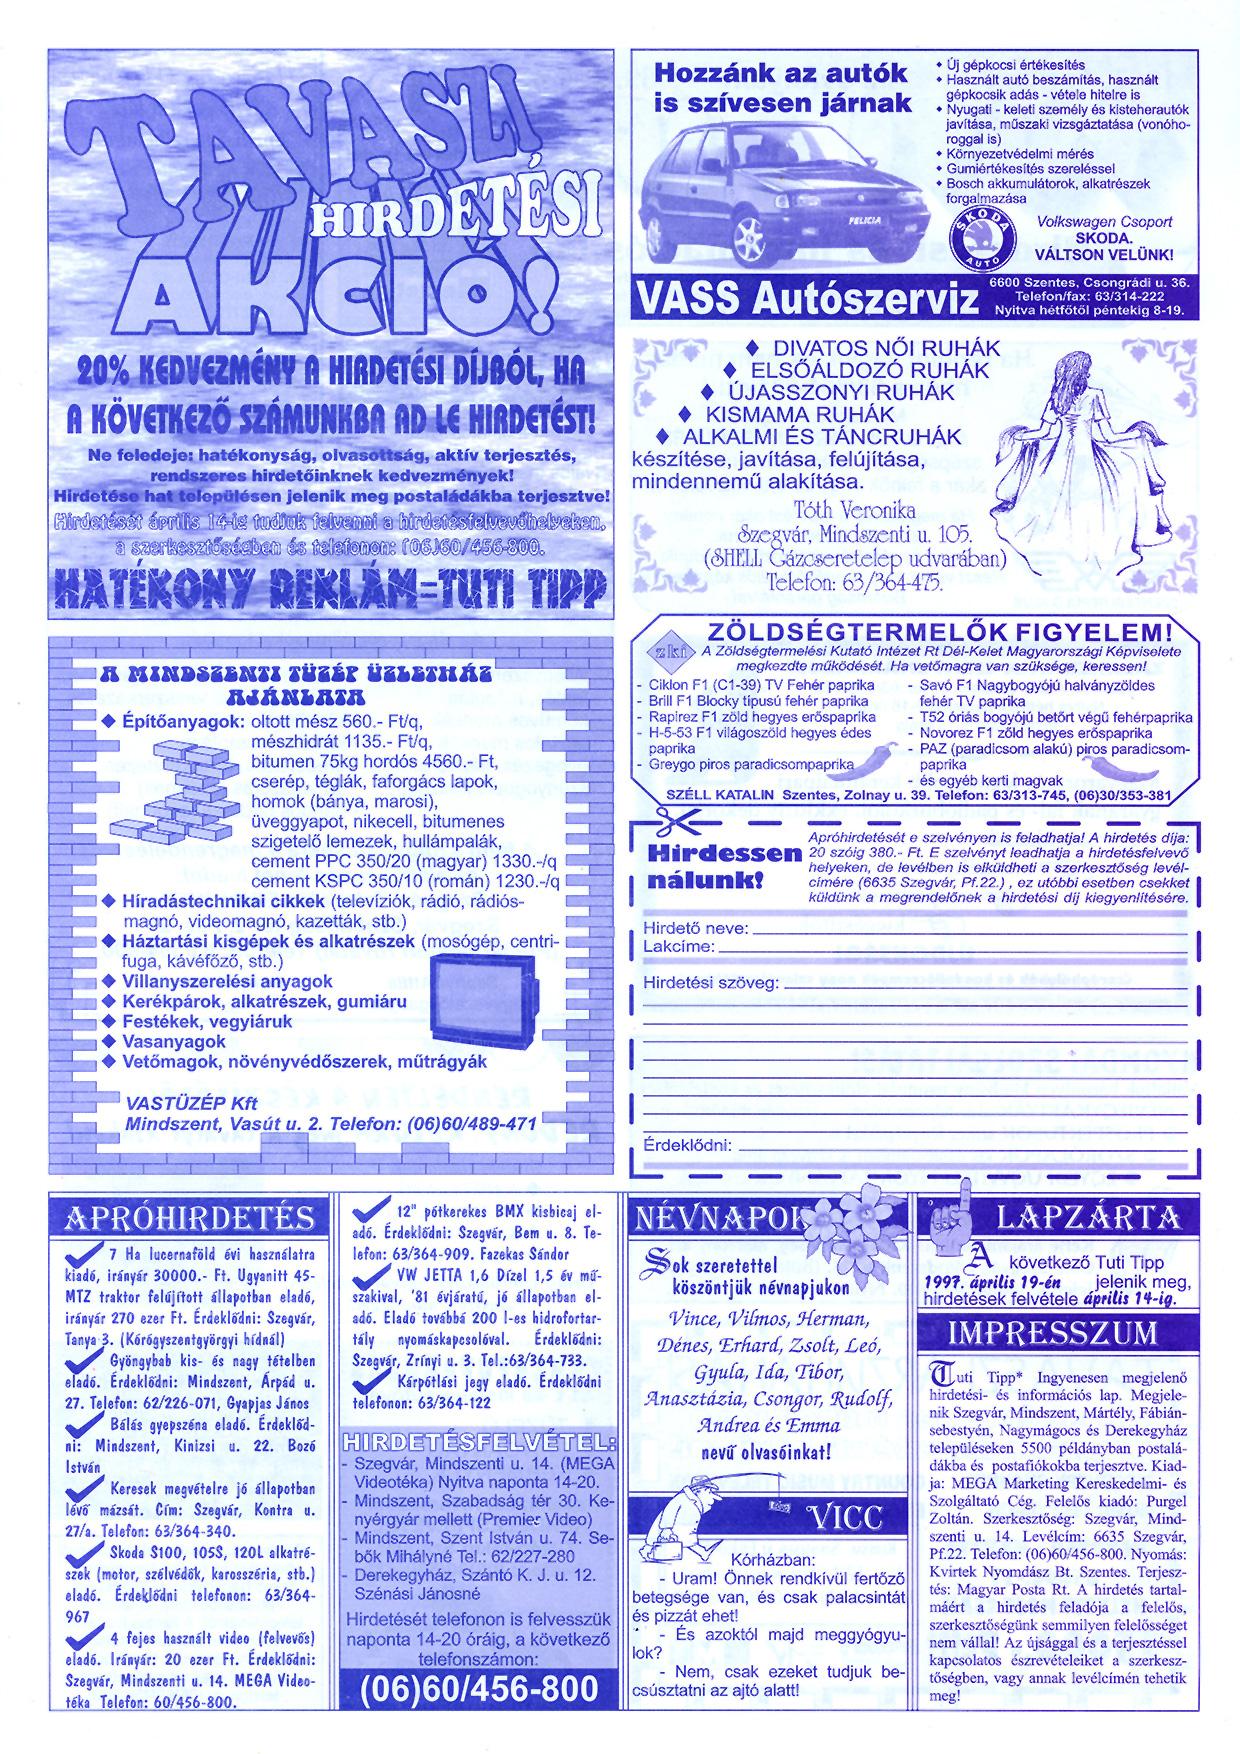 012 Tuti Tipp reklámújság - 19970407-059. lapszám - 2.oldal - III. évfolyam.jpg